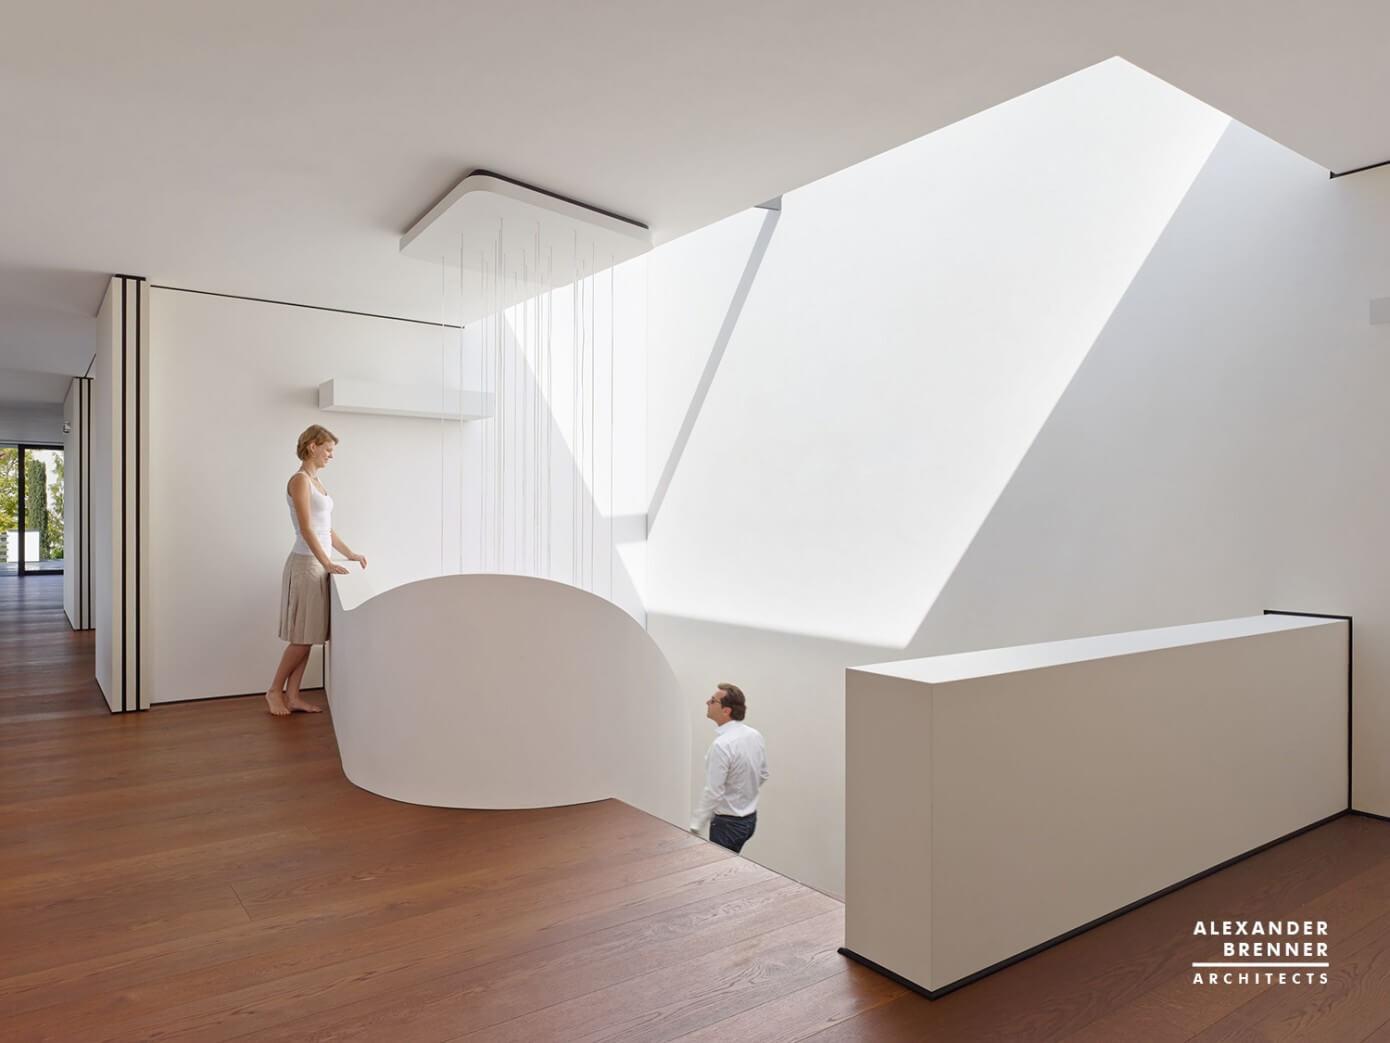 Architekten Reutlingen 008 house reutlingen brenner architekten homeadore